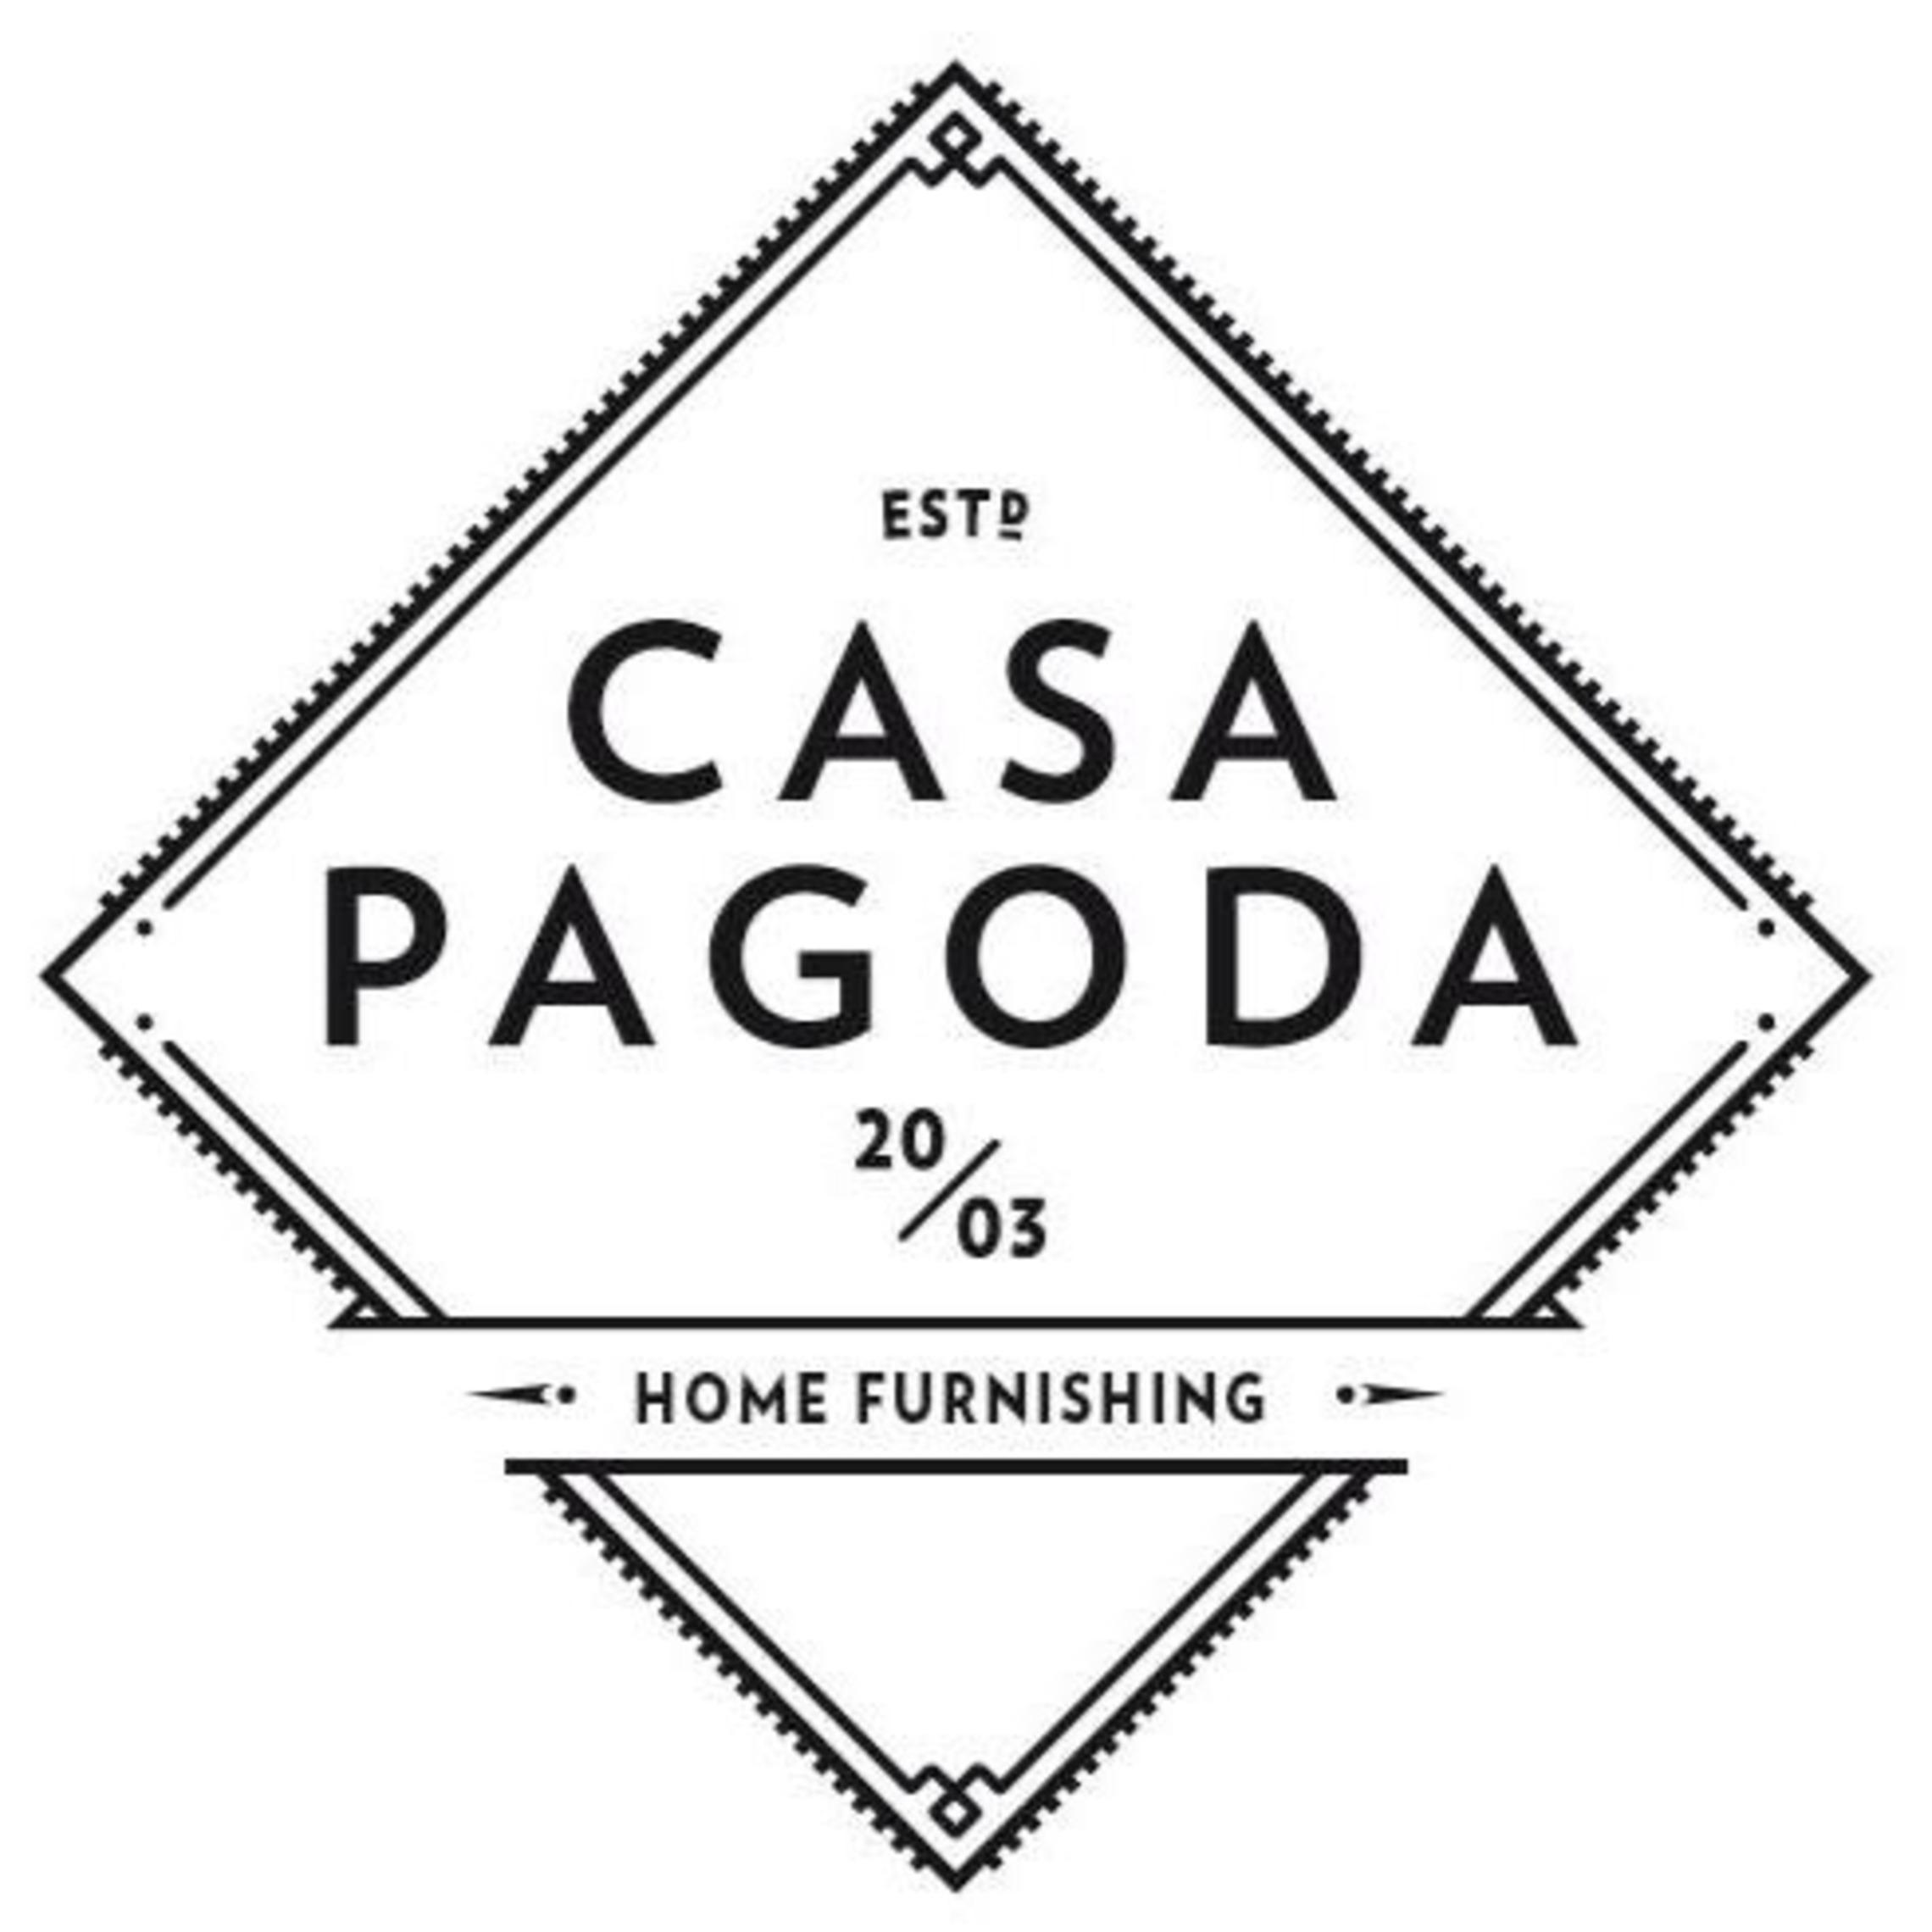 casa pagoda- company logo